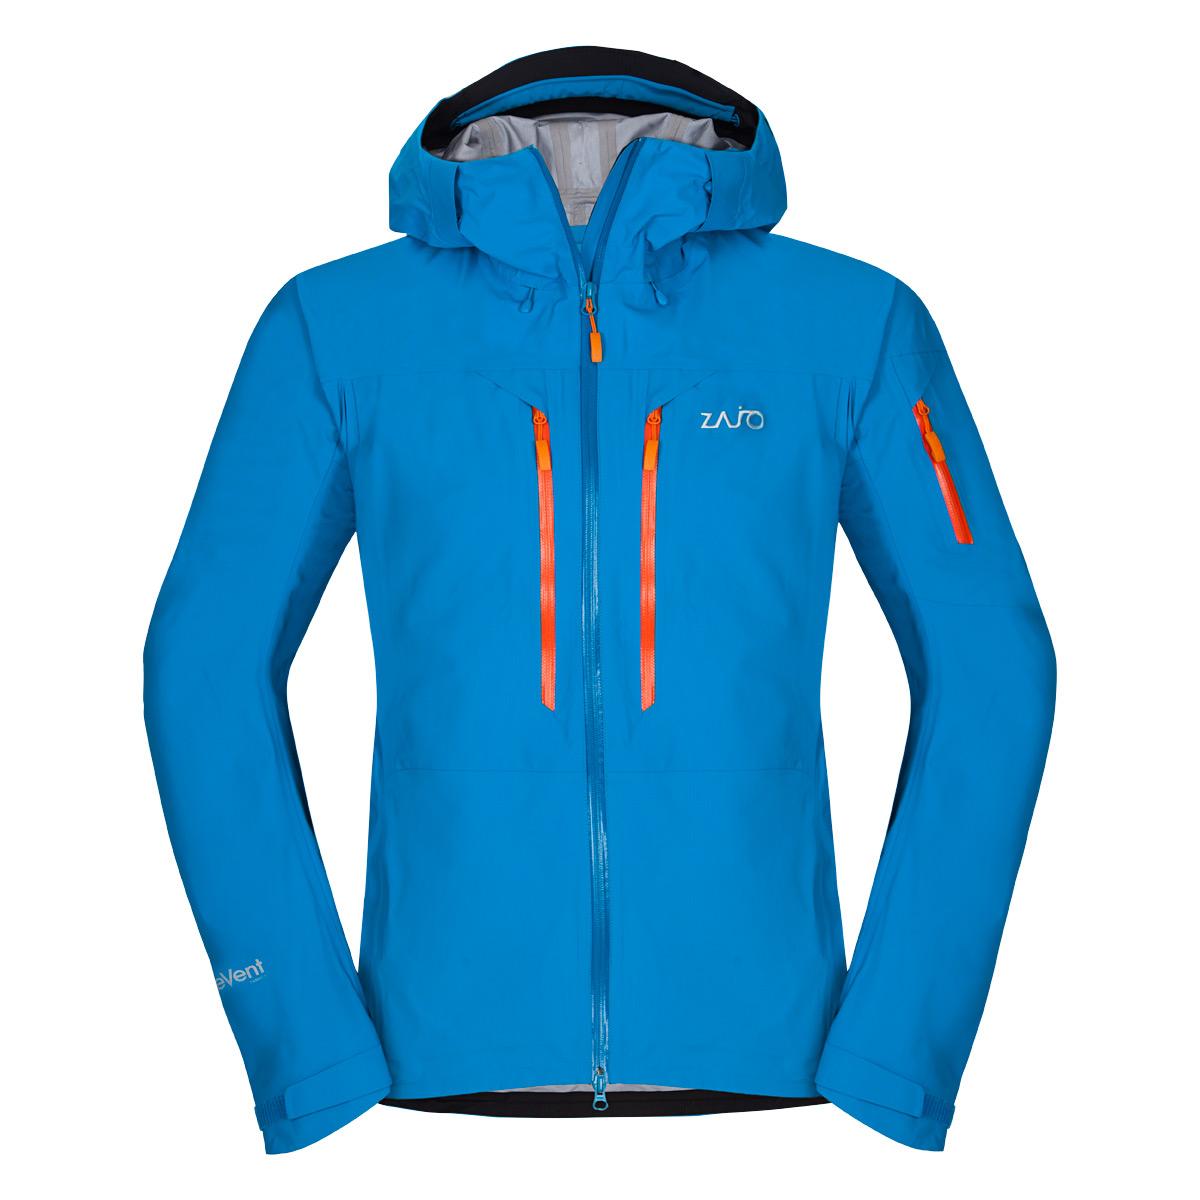 Pánska bunda Zajo Reykjavik Neo JKT Blue Jewel - veľkosť L